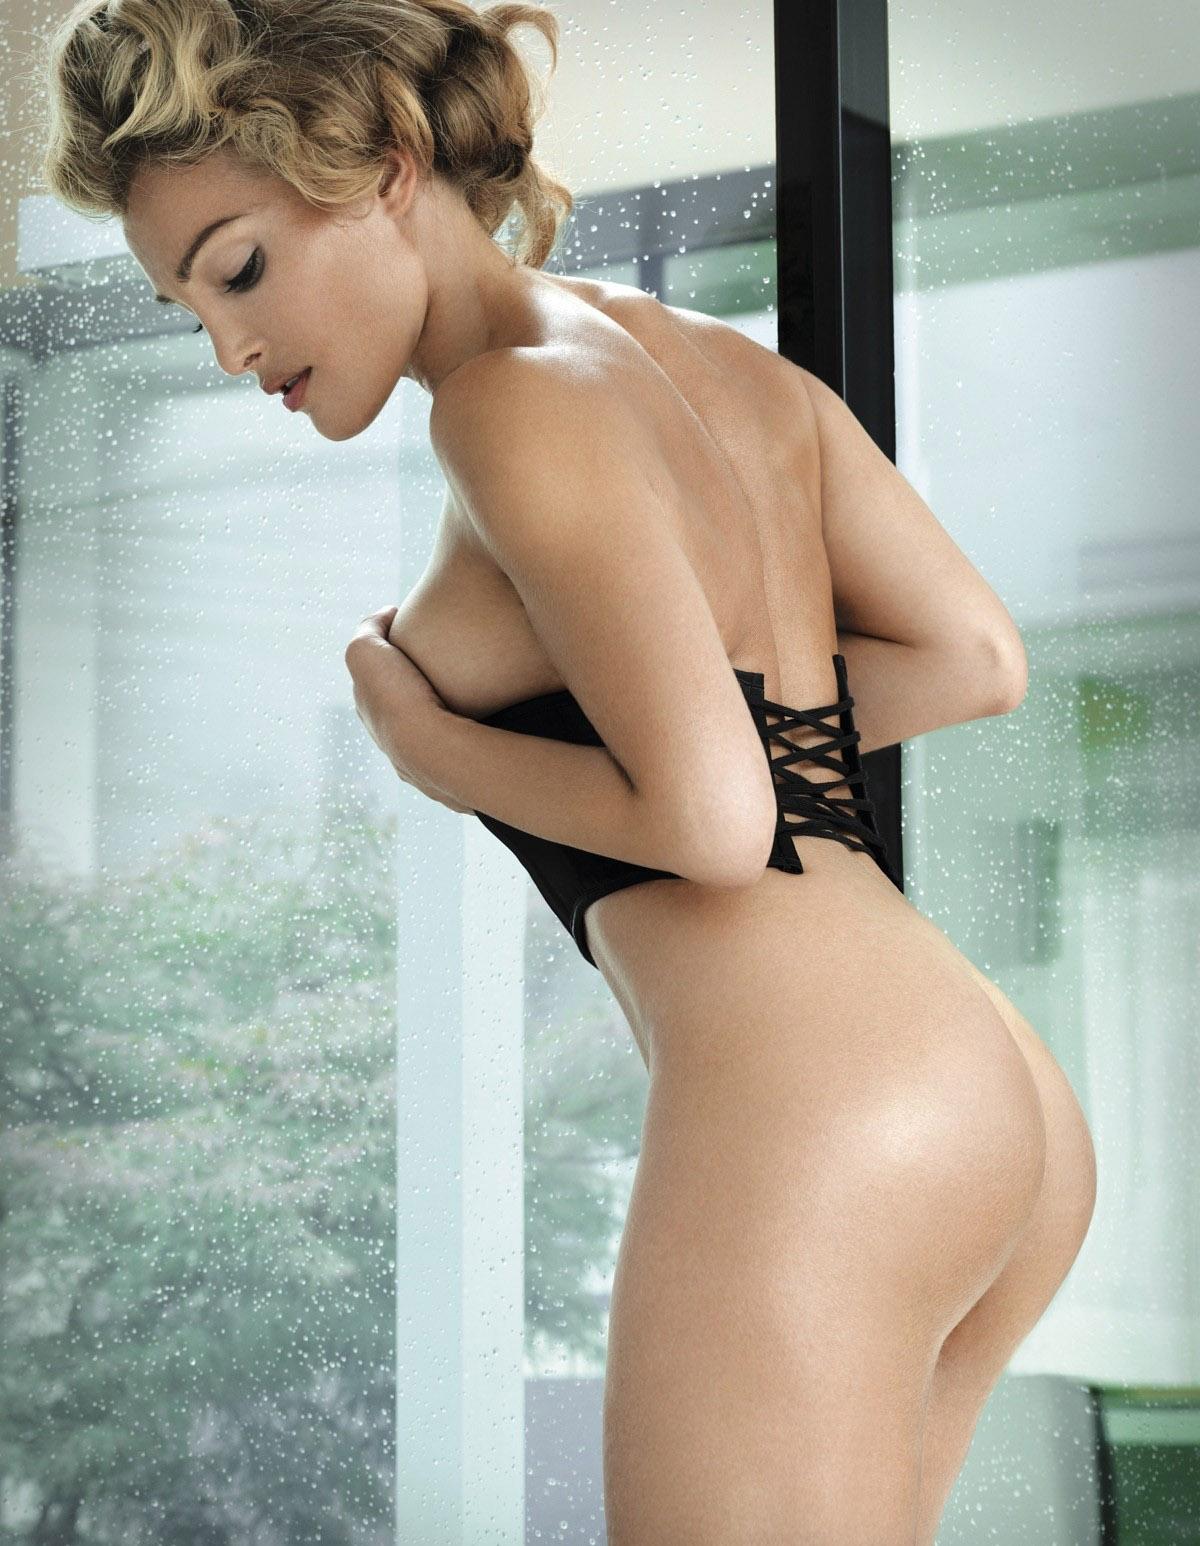 Таня Венцель голая. Фото - 4